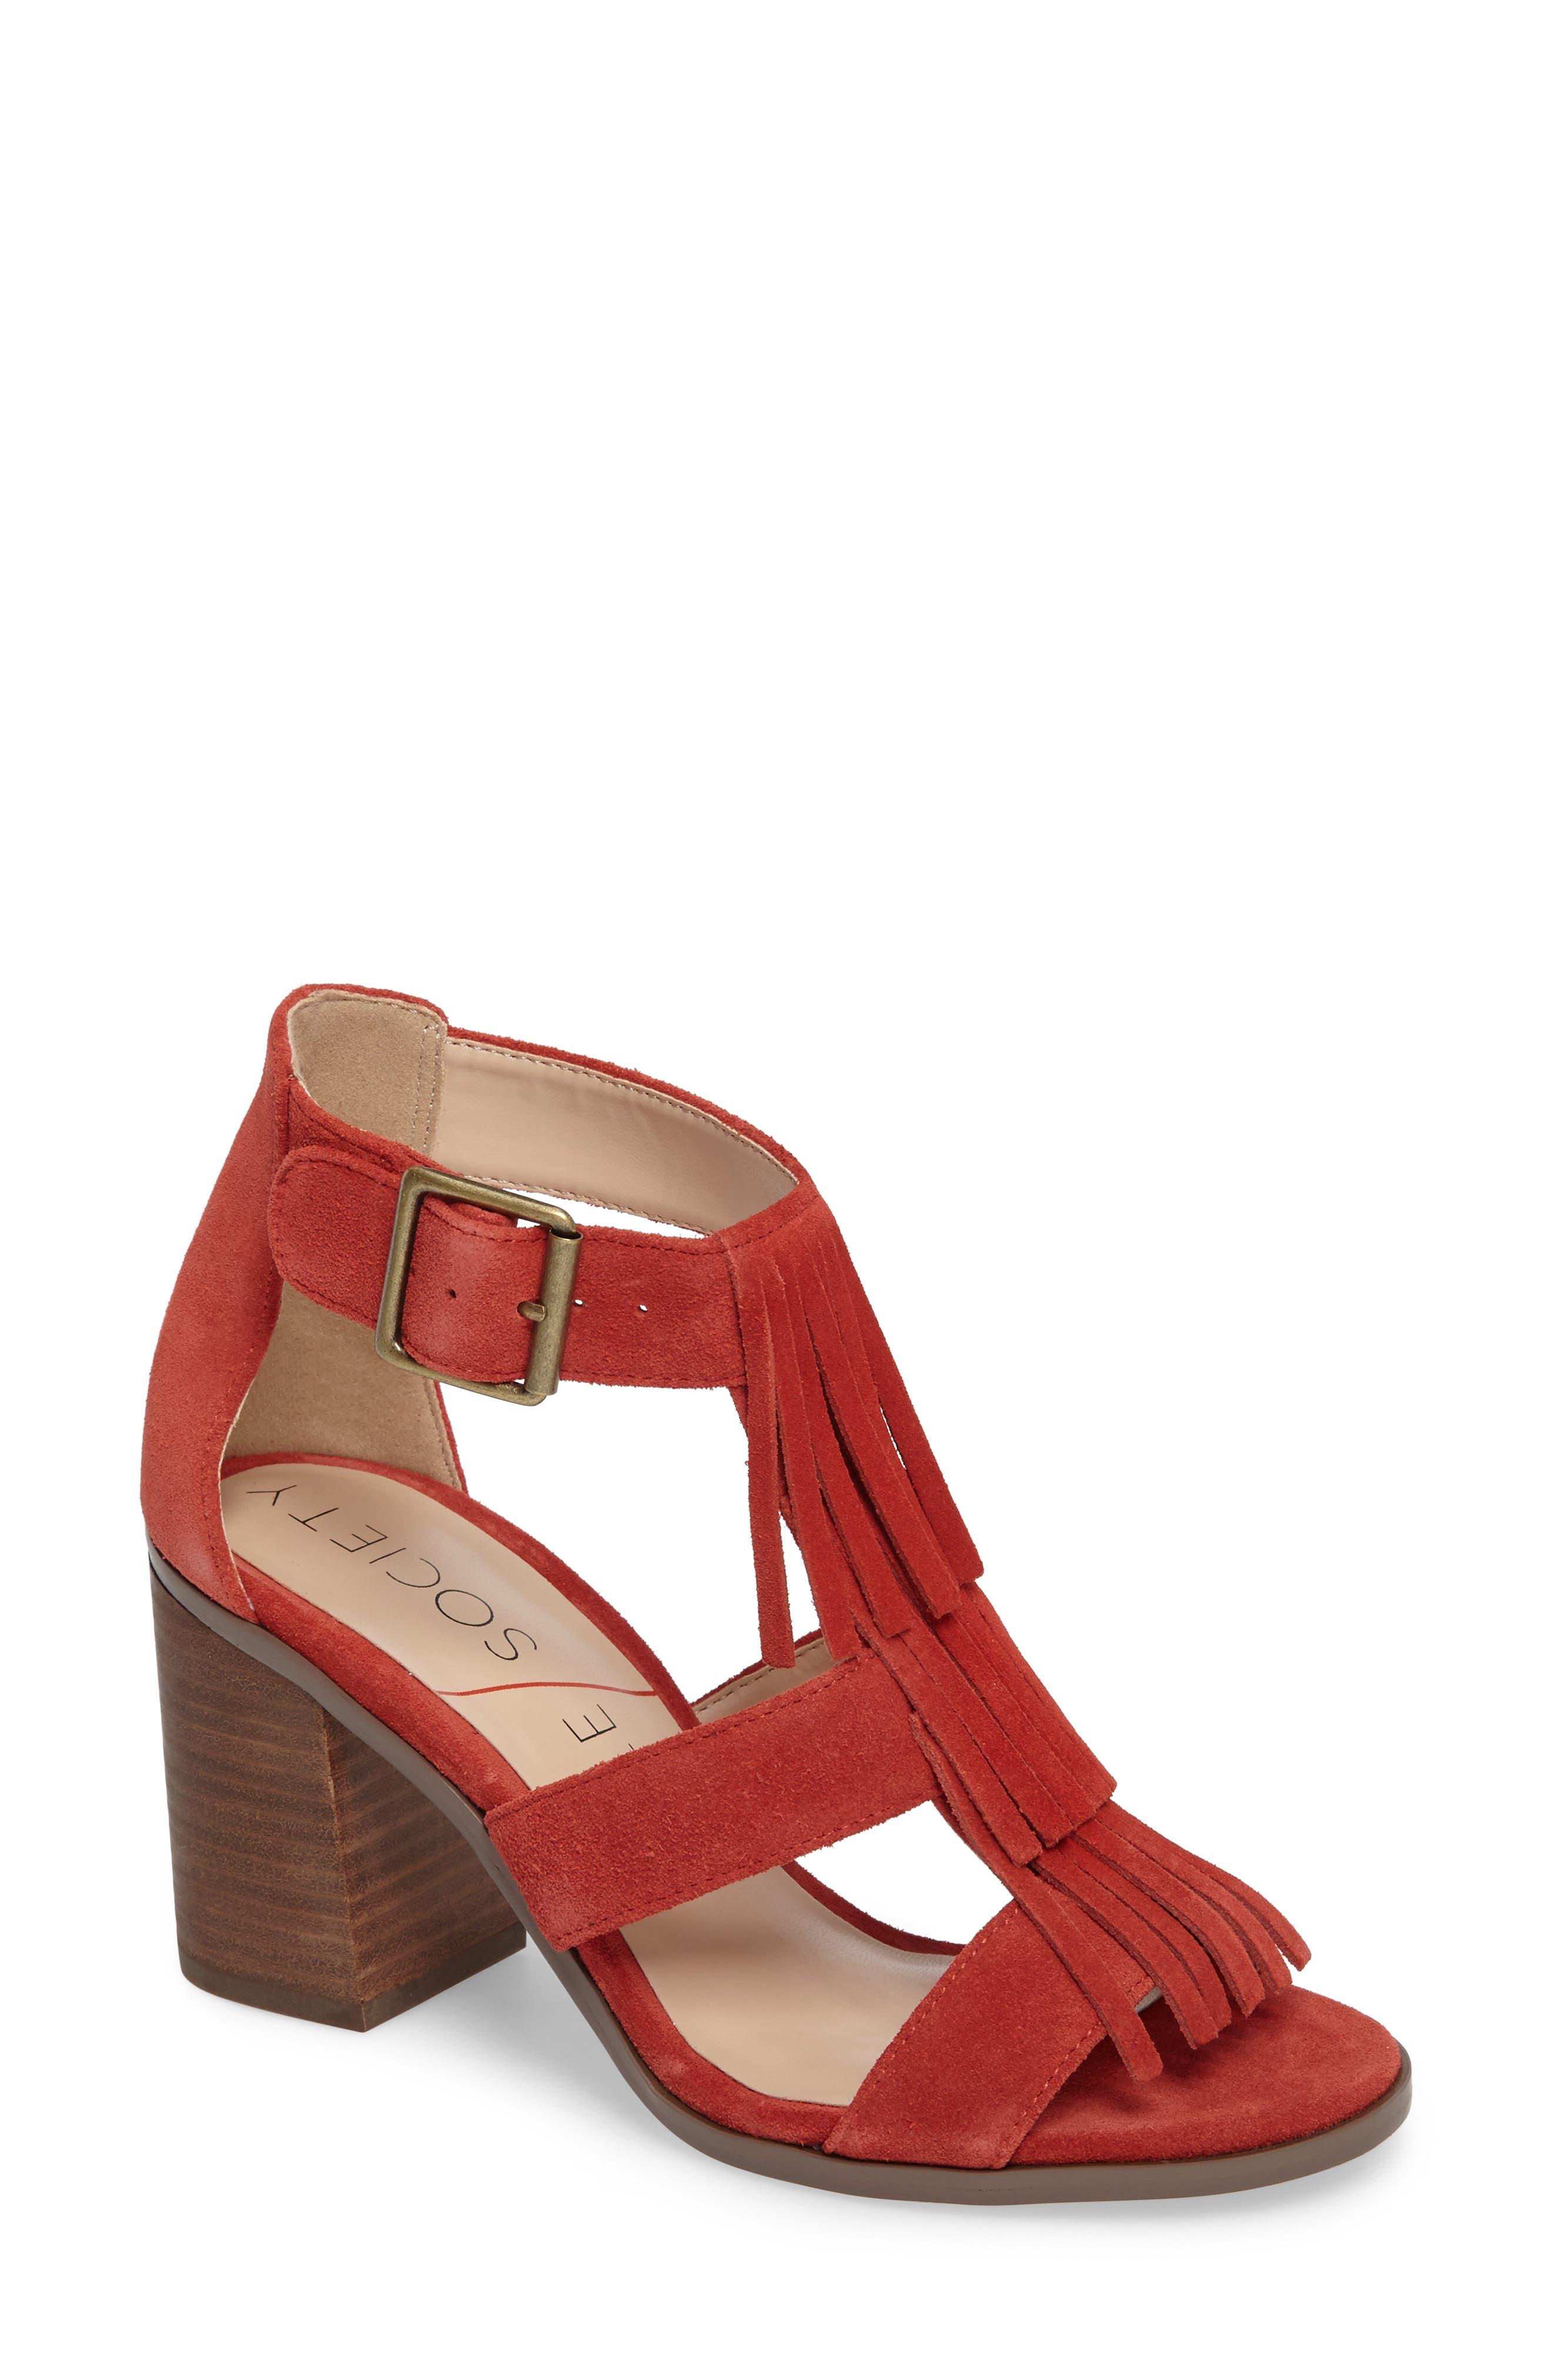 Alternate Image 1 Selected - Sole Society 'Delilah' Fringe Sandal (Women)